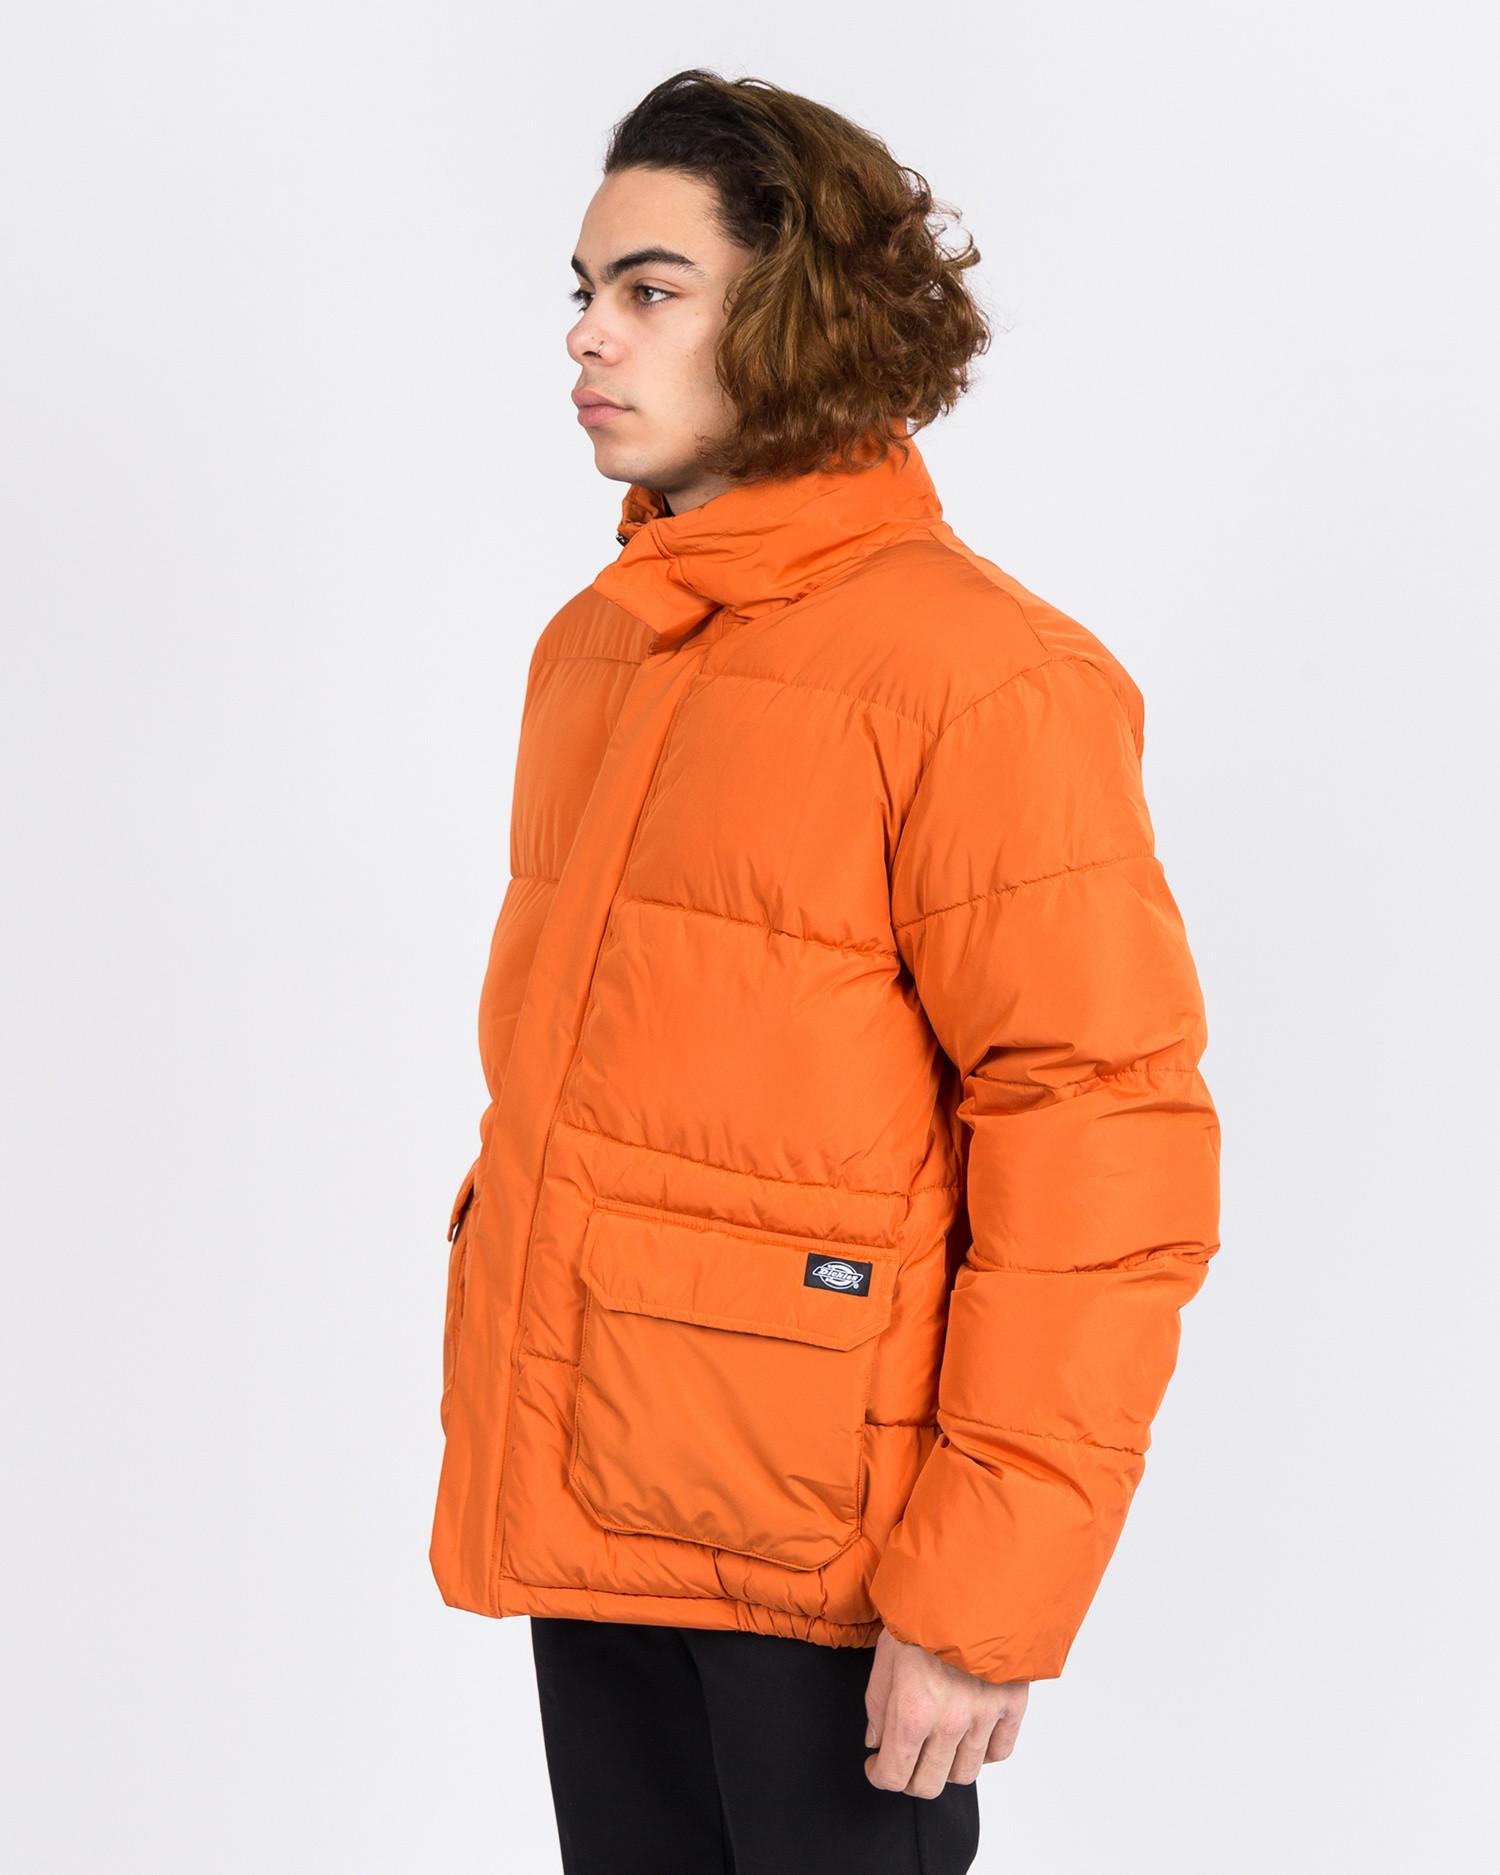 Dickies Olaton Jacket Rust